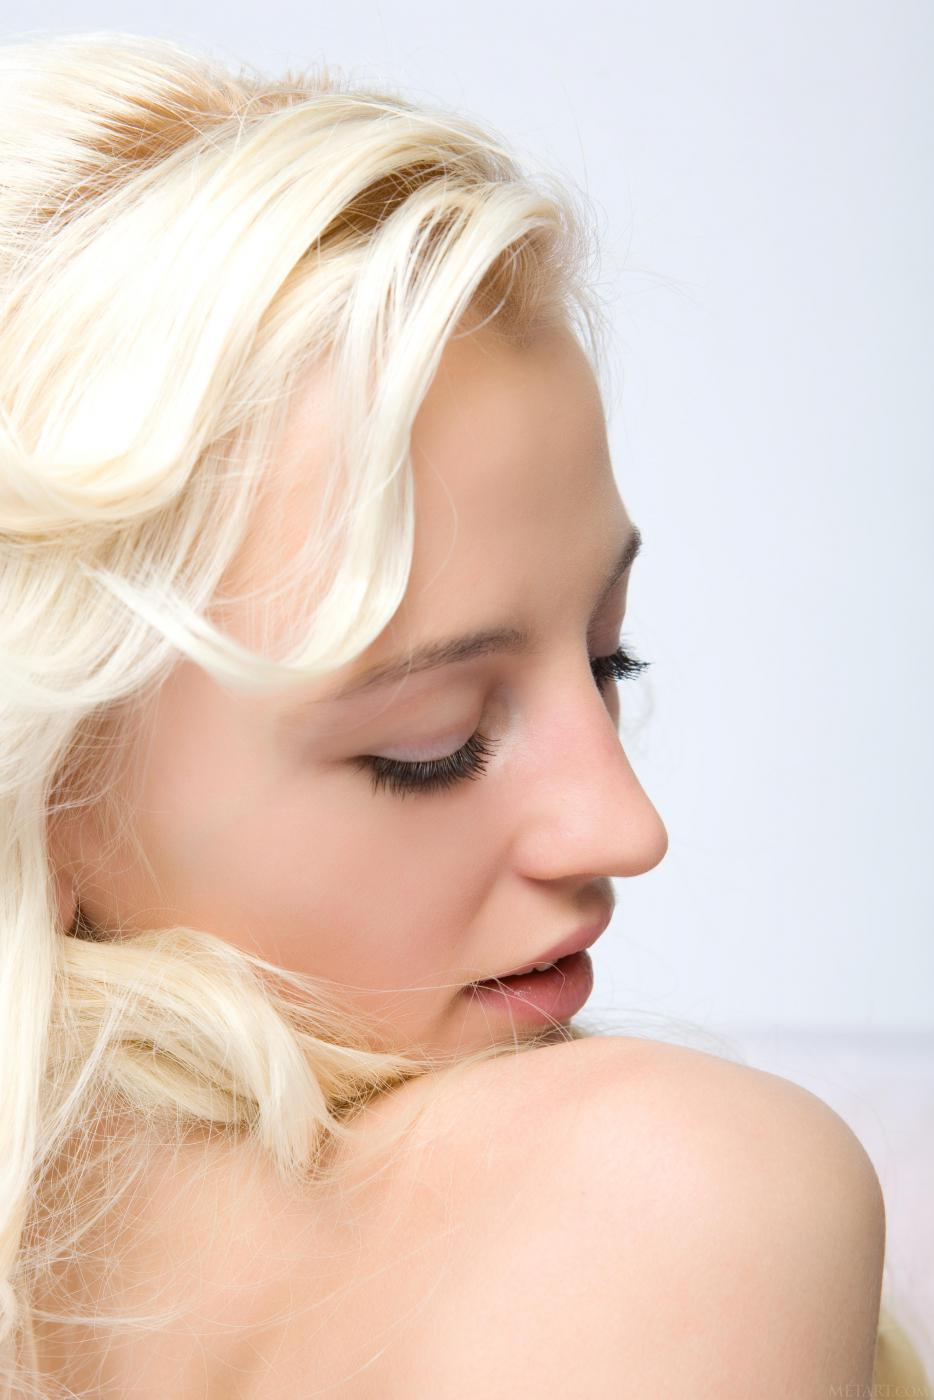 Самая хорошенькая модель со свелыми волосами Alysha A спускает черный корсет и показывает бритую вагину